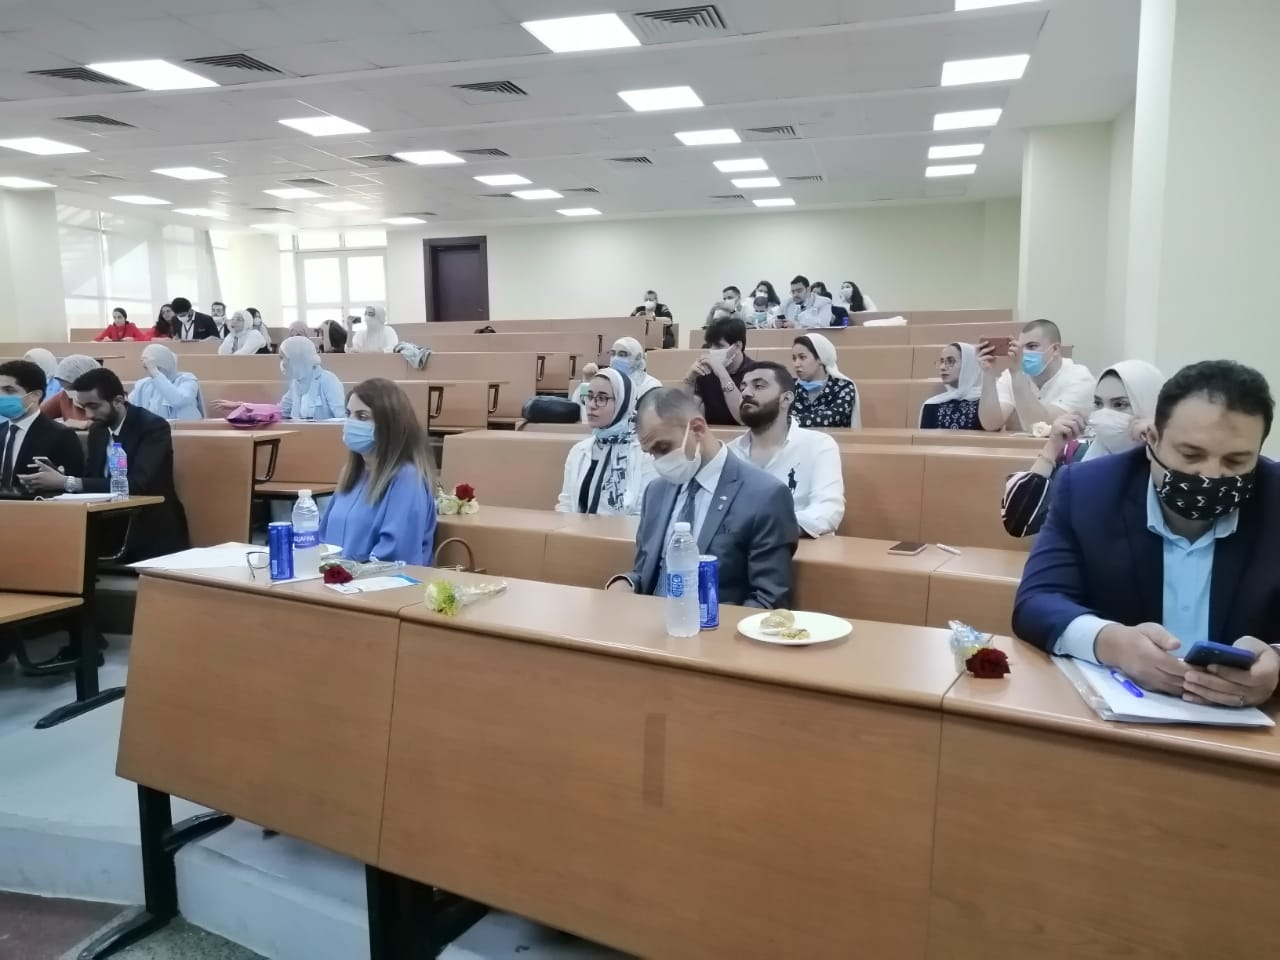 الجامعة المصرية الصينية تحتفل بمناقشة مشروعات تخرج أول دفعة من كلية الاقتصاد